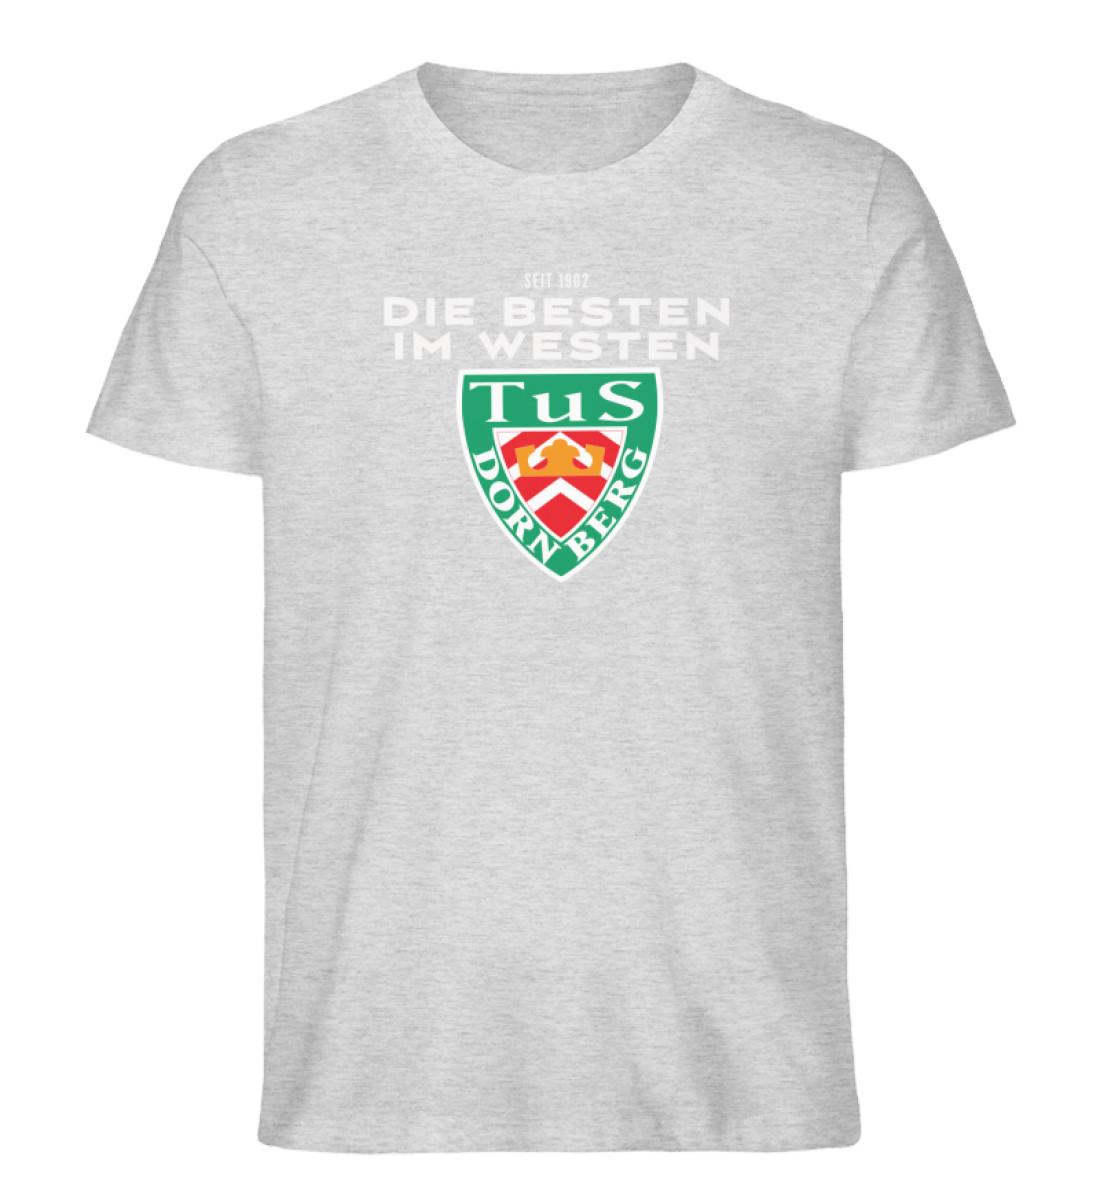 Die Besten im Westen - Herren Premium Organic Shirt-6892